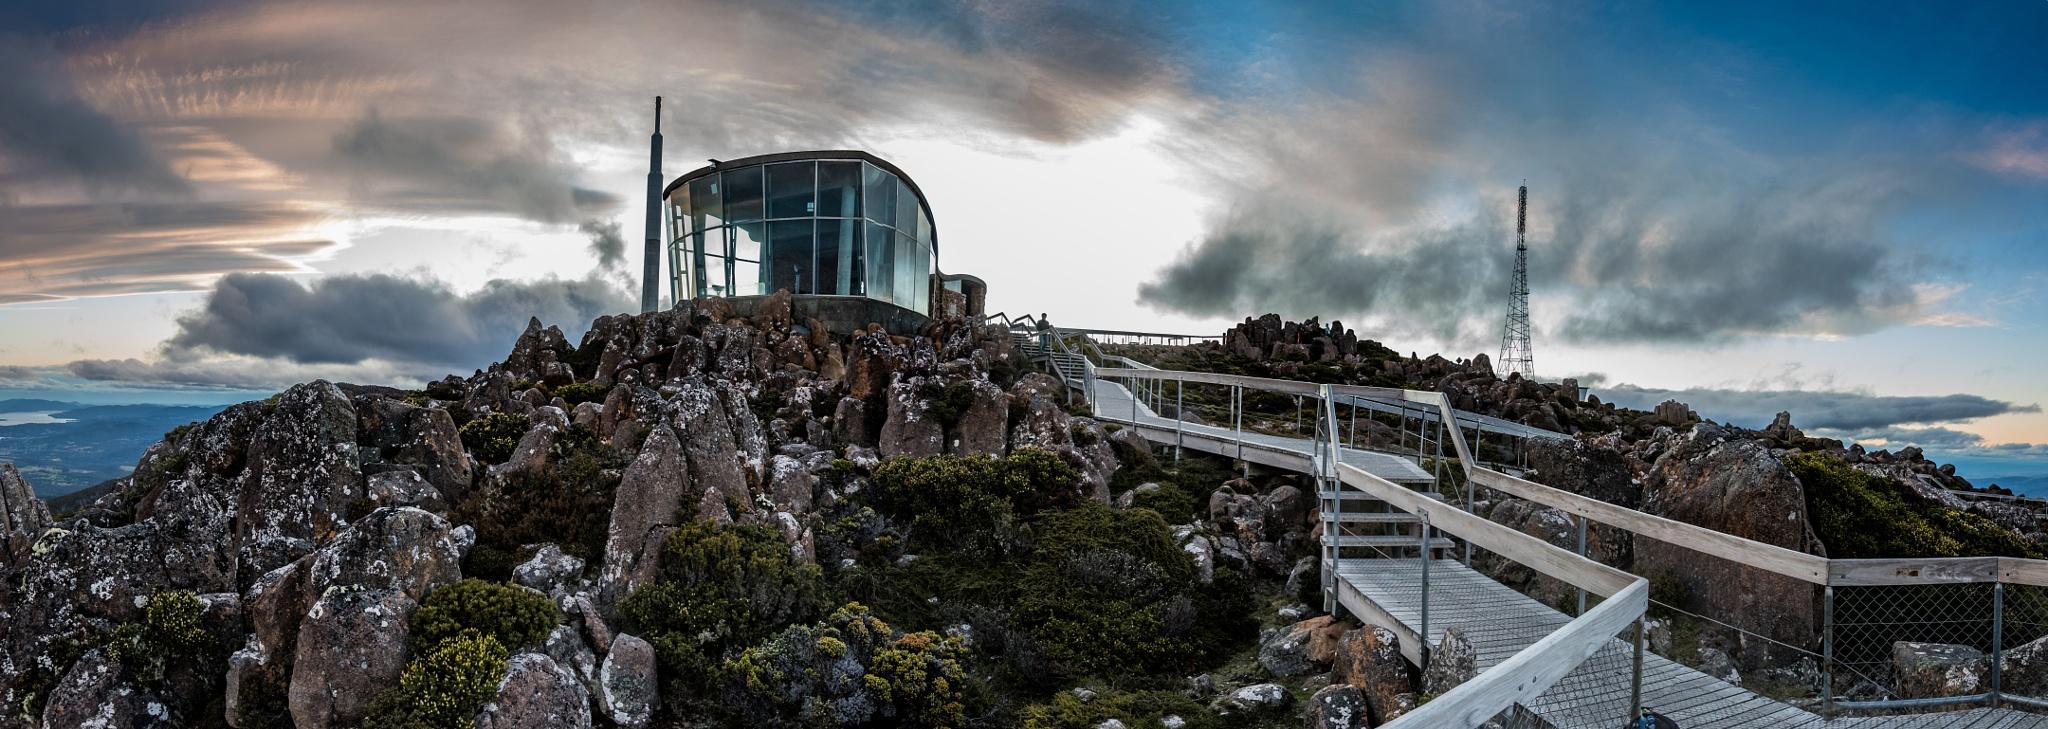 Mount Wellington lookout by Lee Kharod